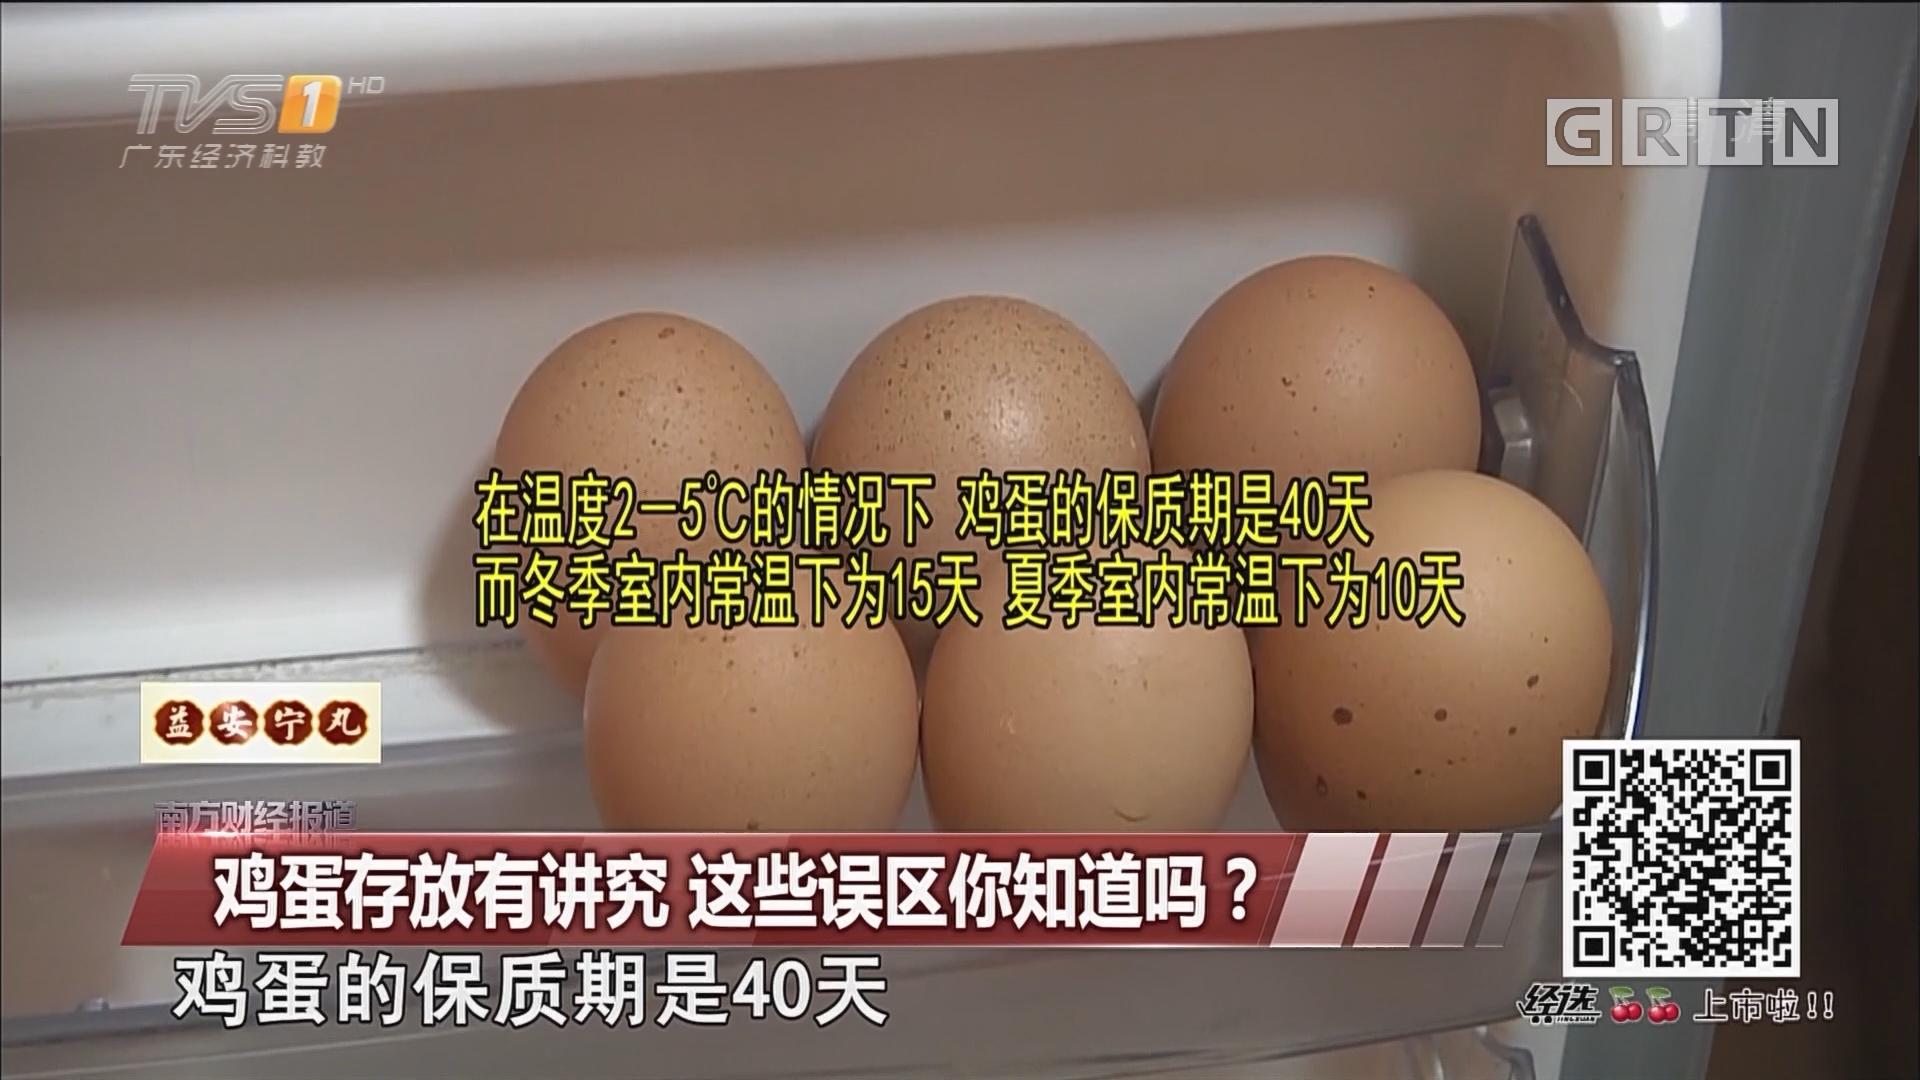 鸡蛋存放有讲究 这些误区你知道吗?